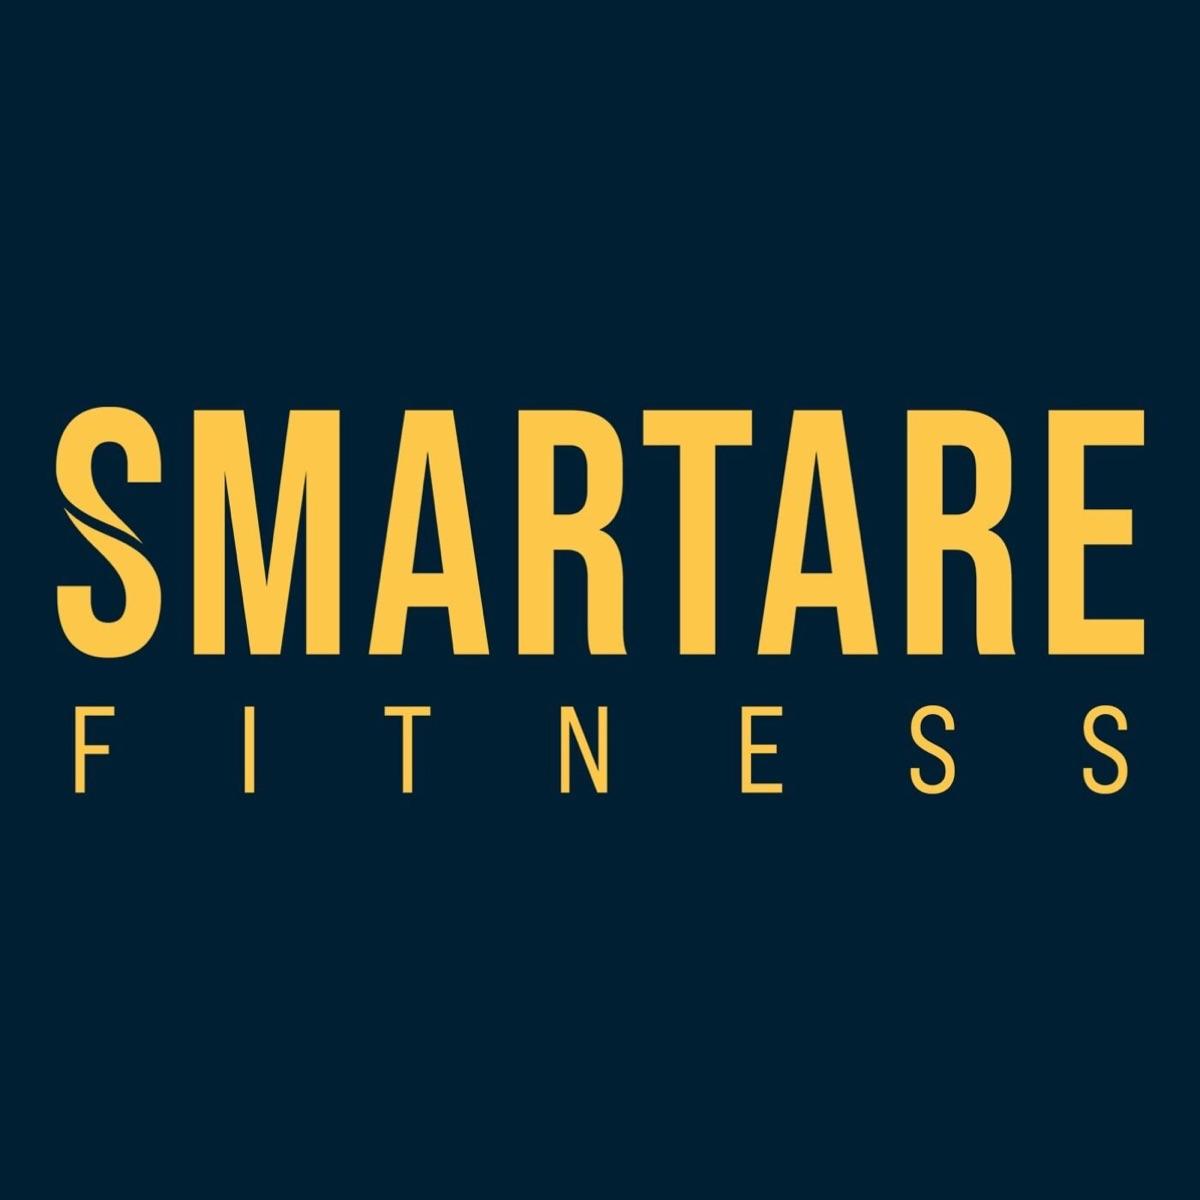 Om fitnesstävlingar, stegräkning, trovärdig forskning och bantning för att tävla i viktklasser - Frågestund med Pavle & David